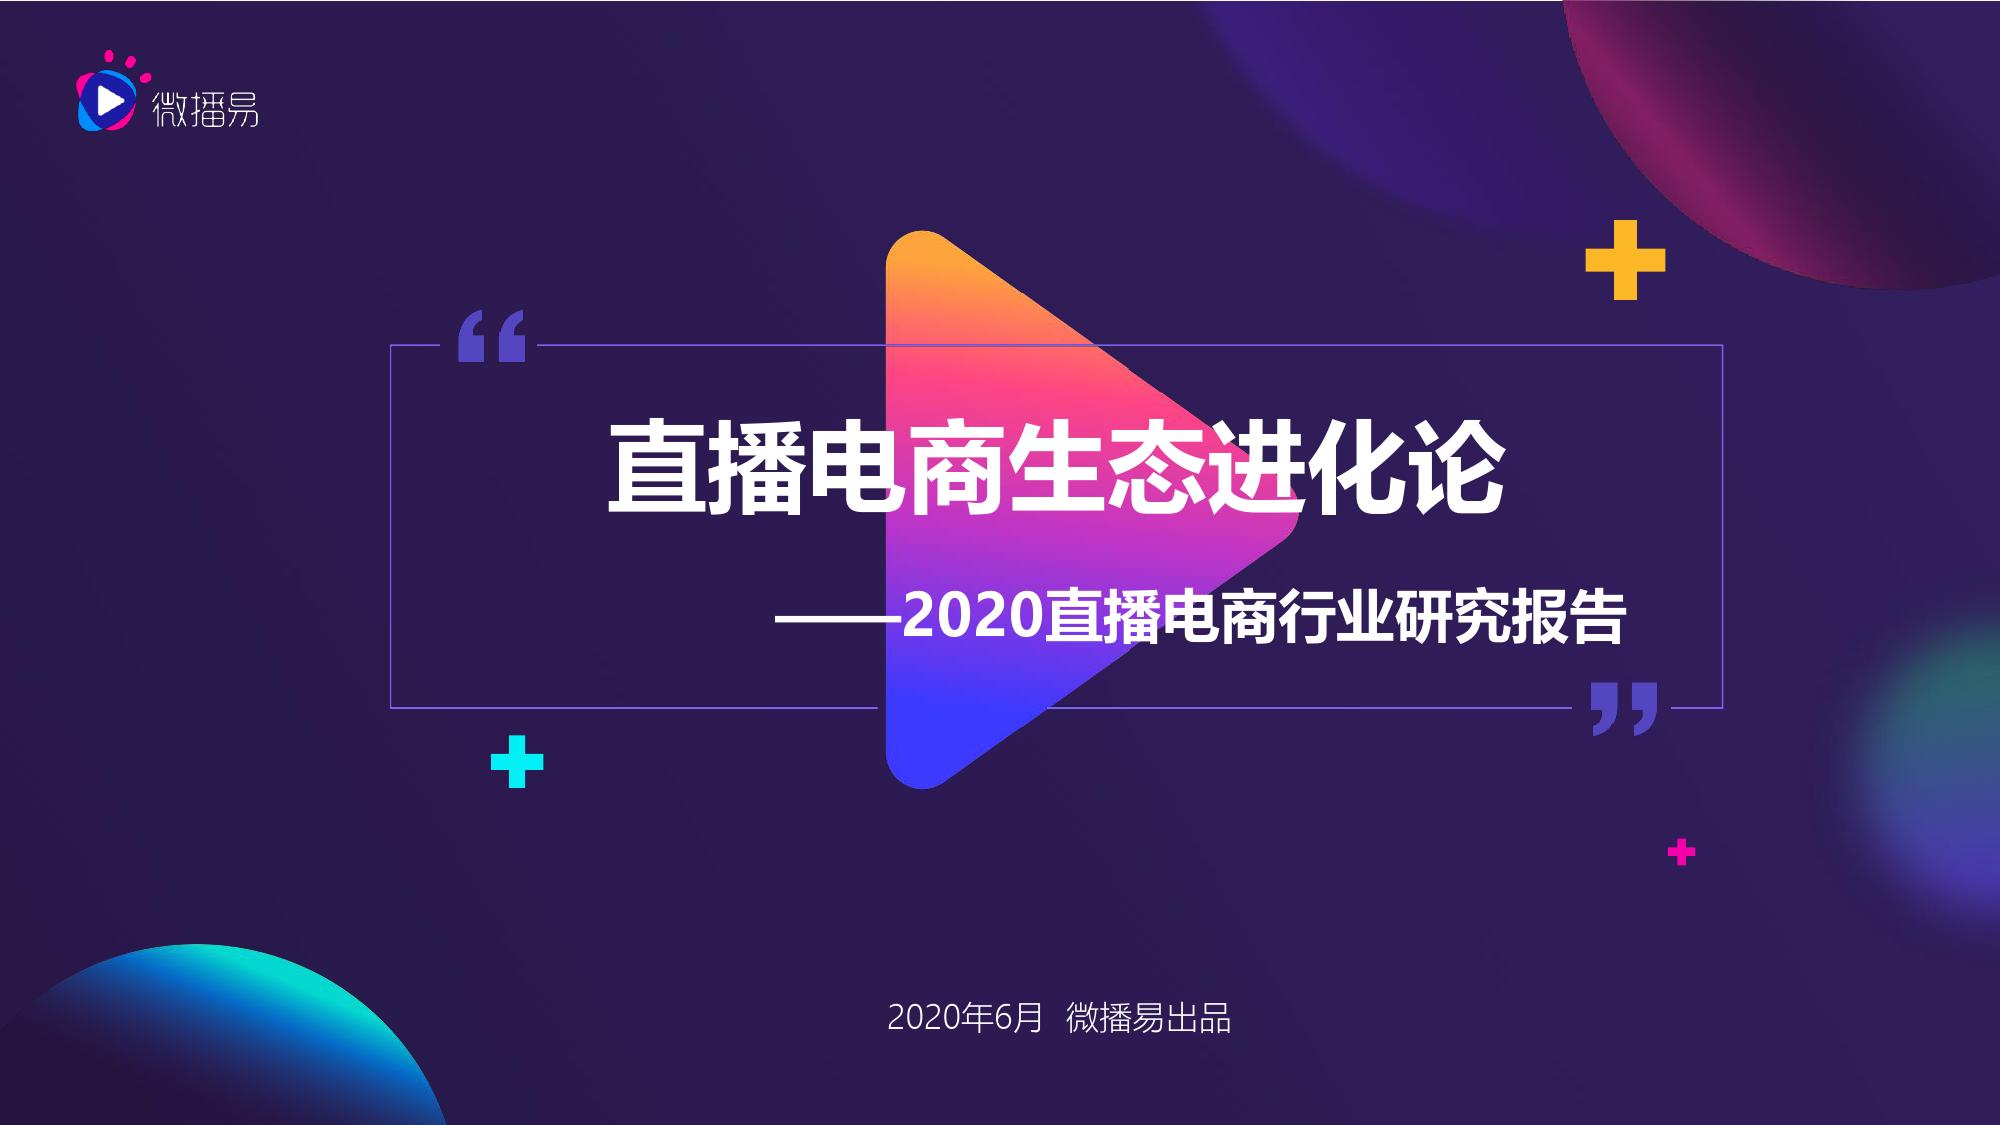 微播易:2020直播电商发展趋势报告